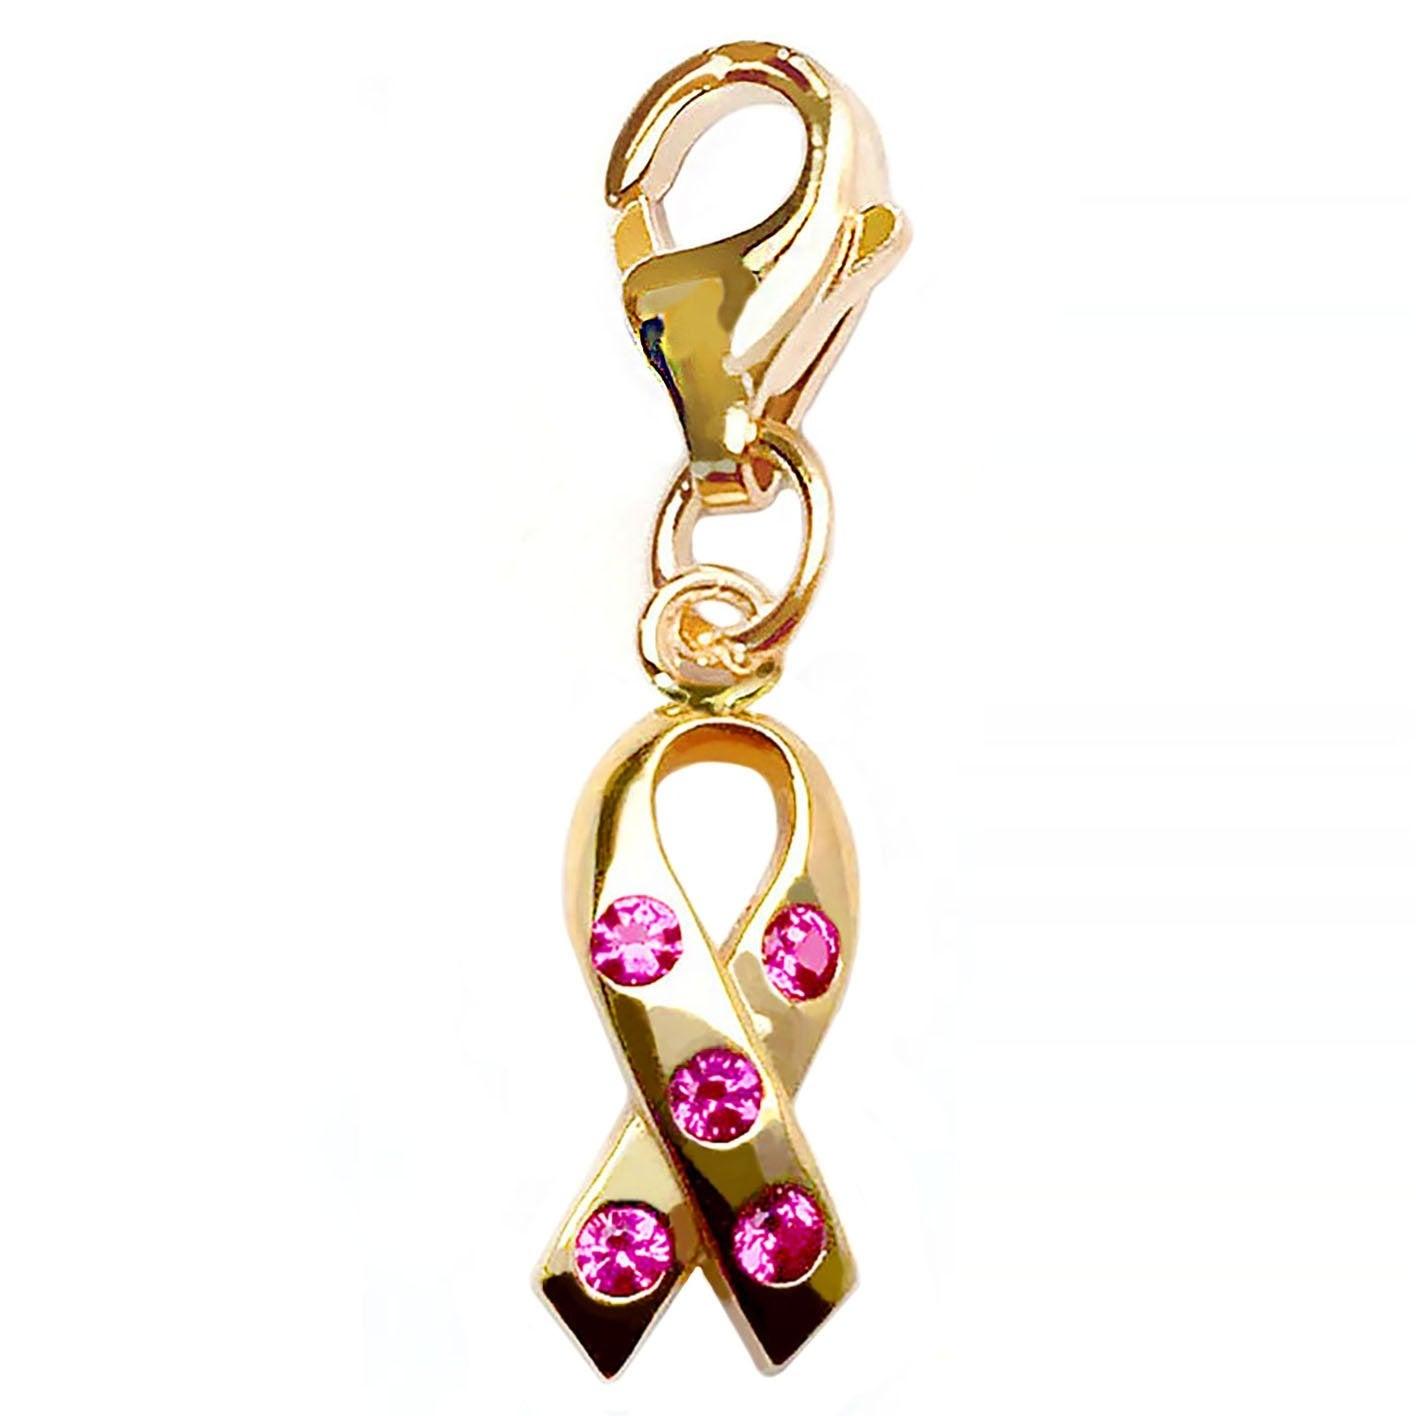 Julieta Jewelry Pink Awareness Ribbon CZ Clip-On Charm - Thumbnail 0